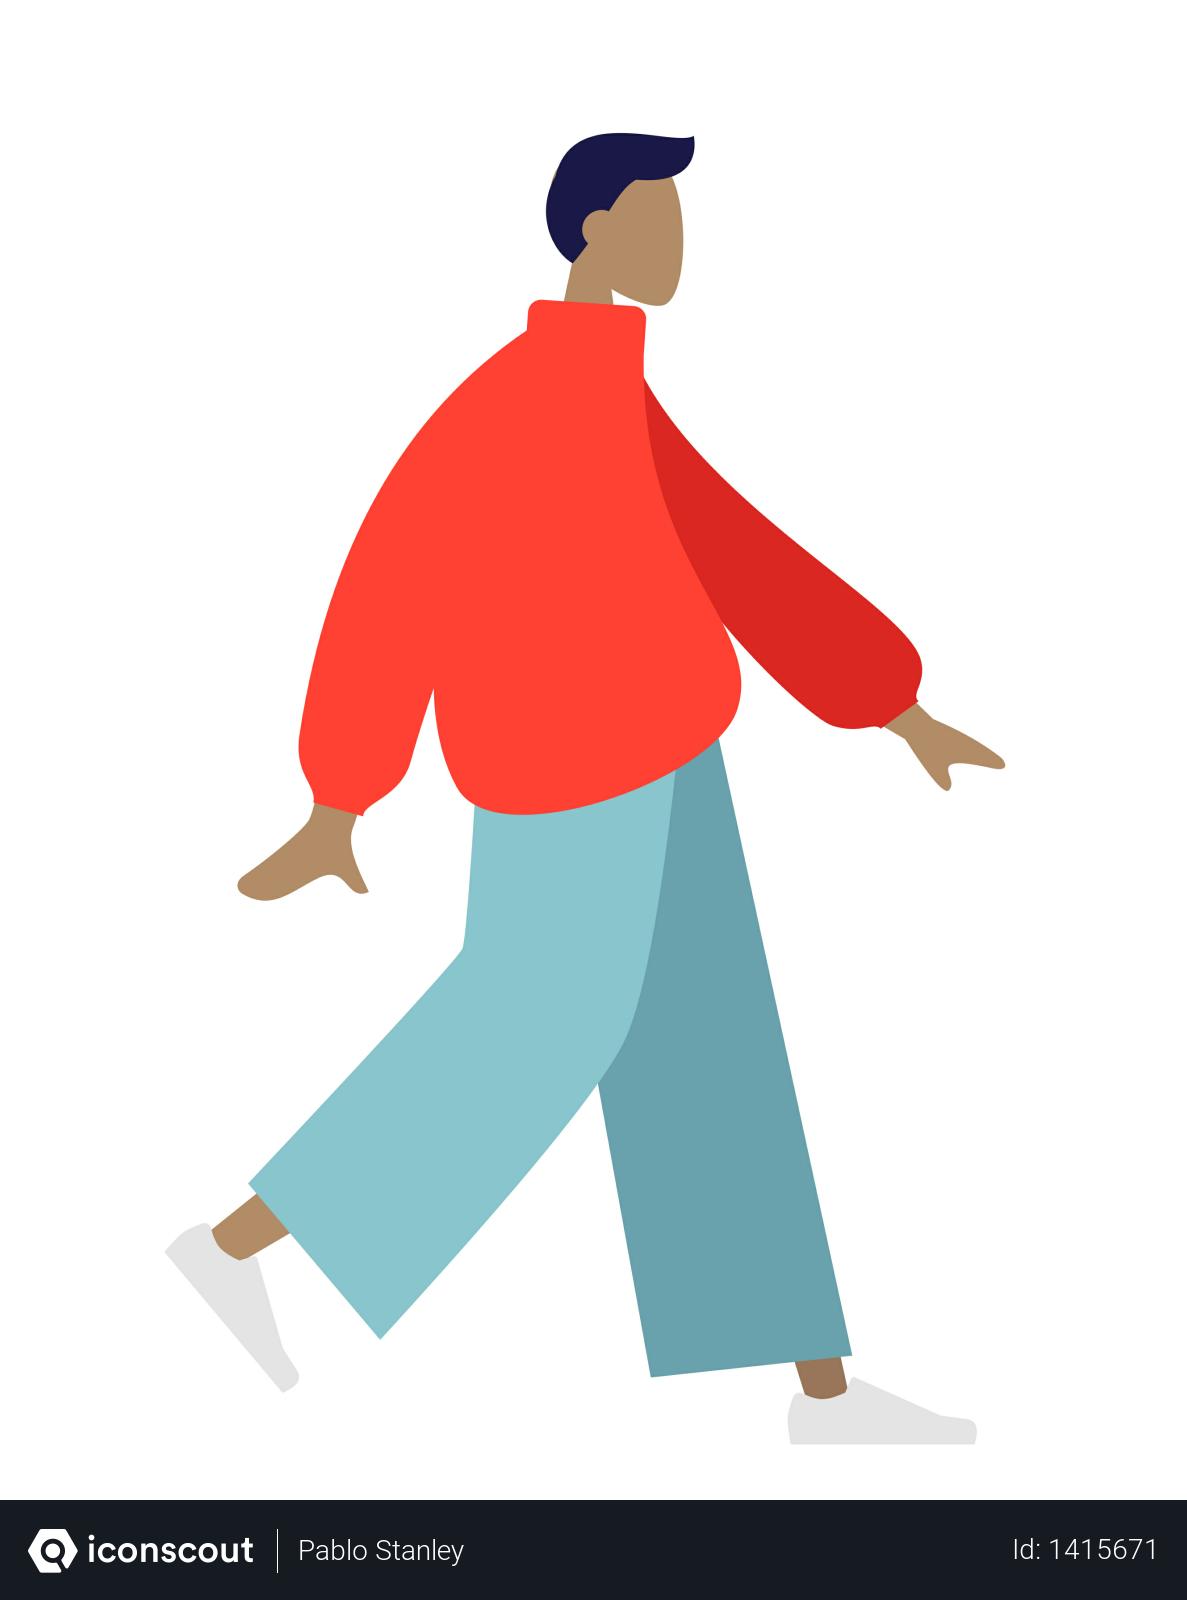 Free Walking Man Illustration Download In Png Vector Format Man Illustration Walking Man Illustration